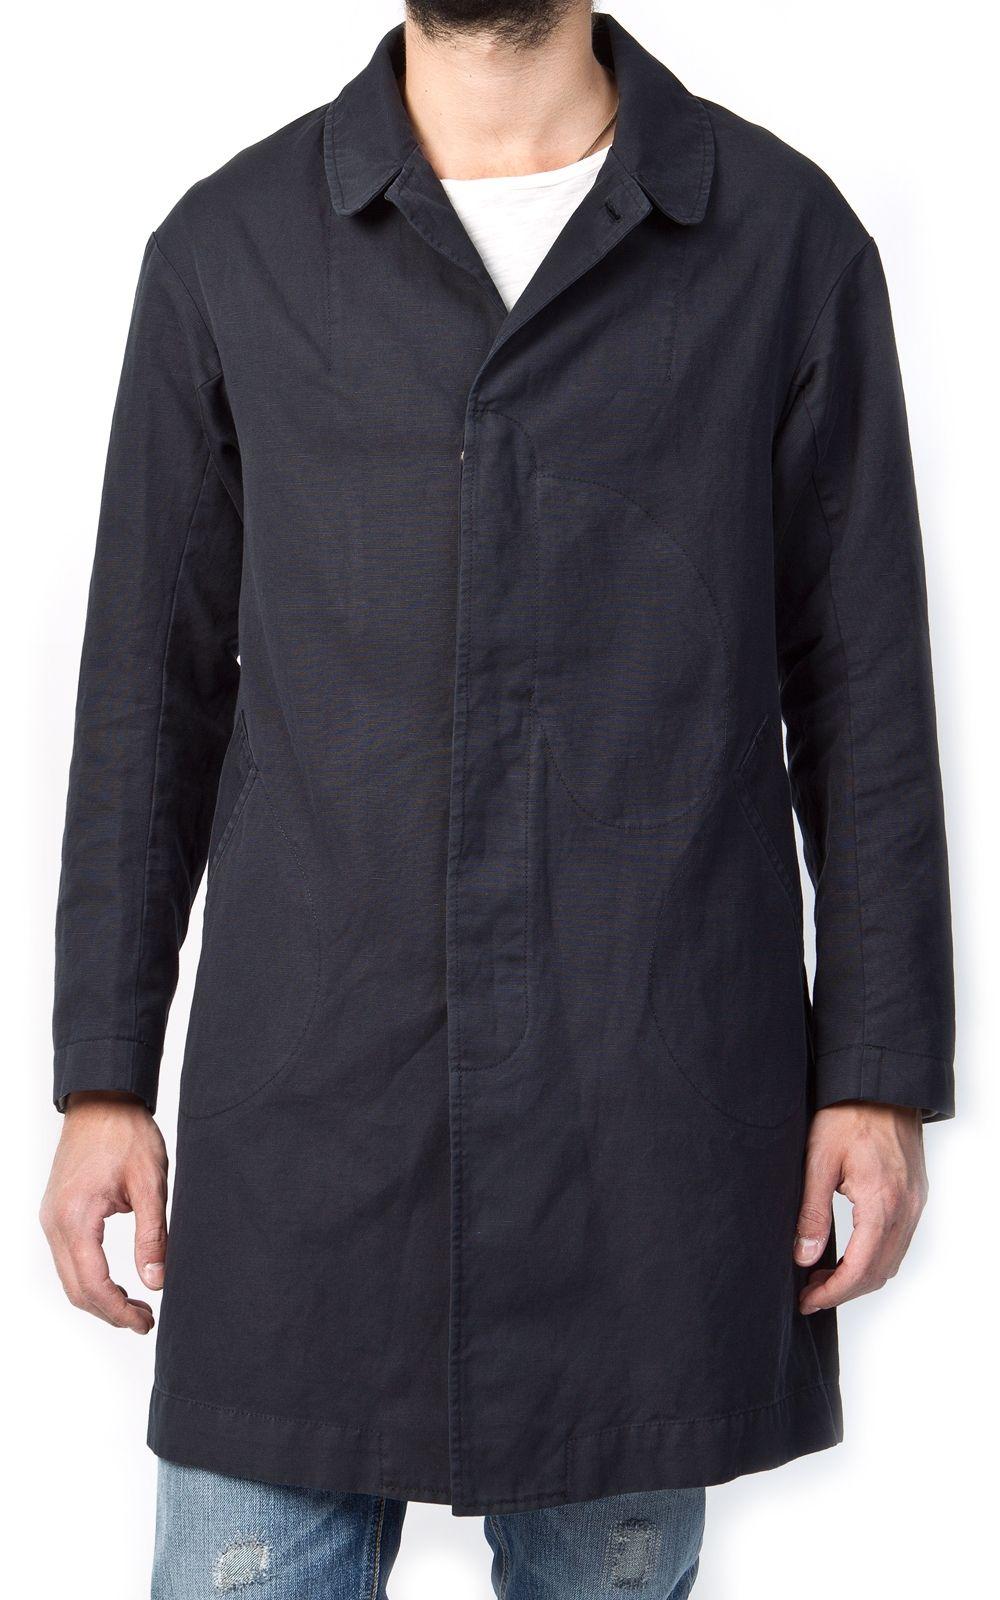 Nudie Jeans Sander Coat Black Washed